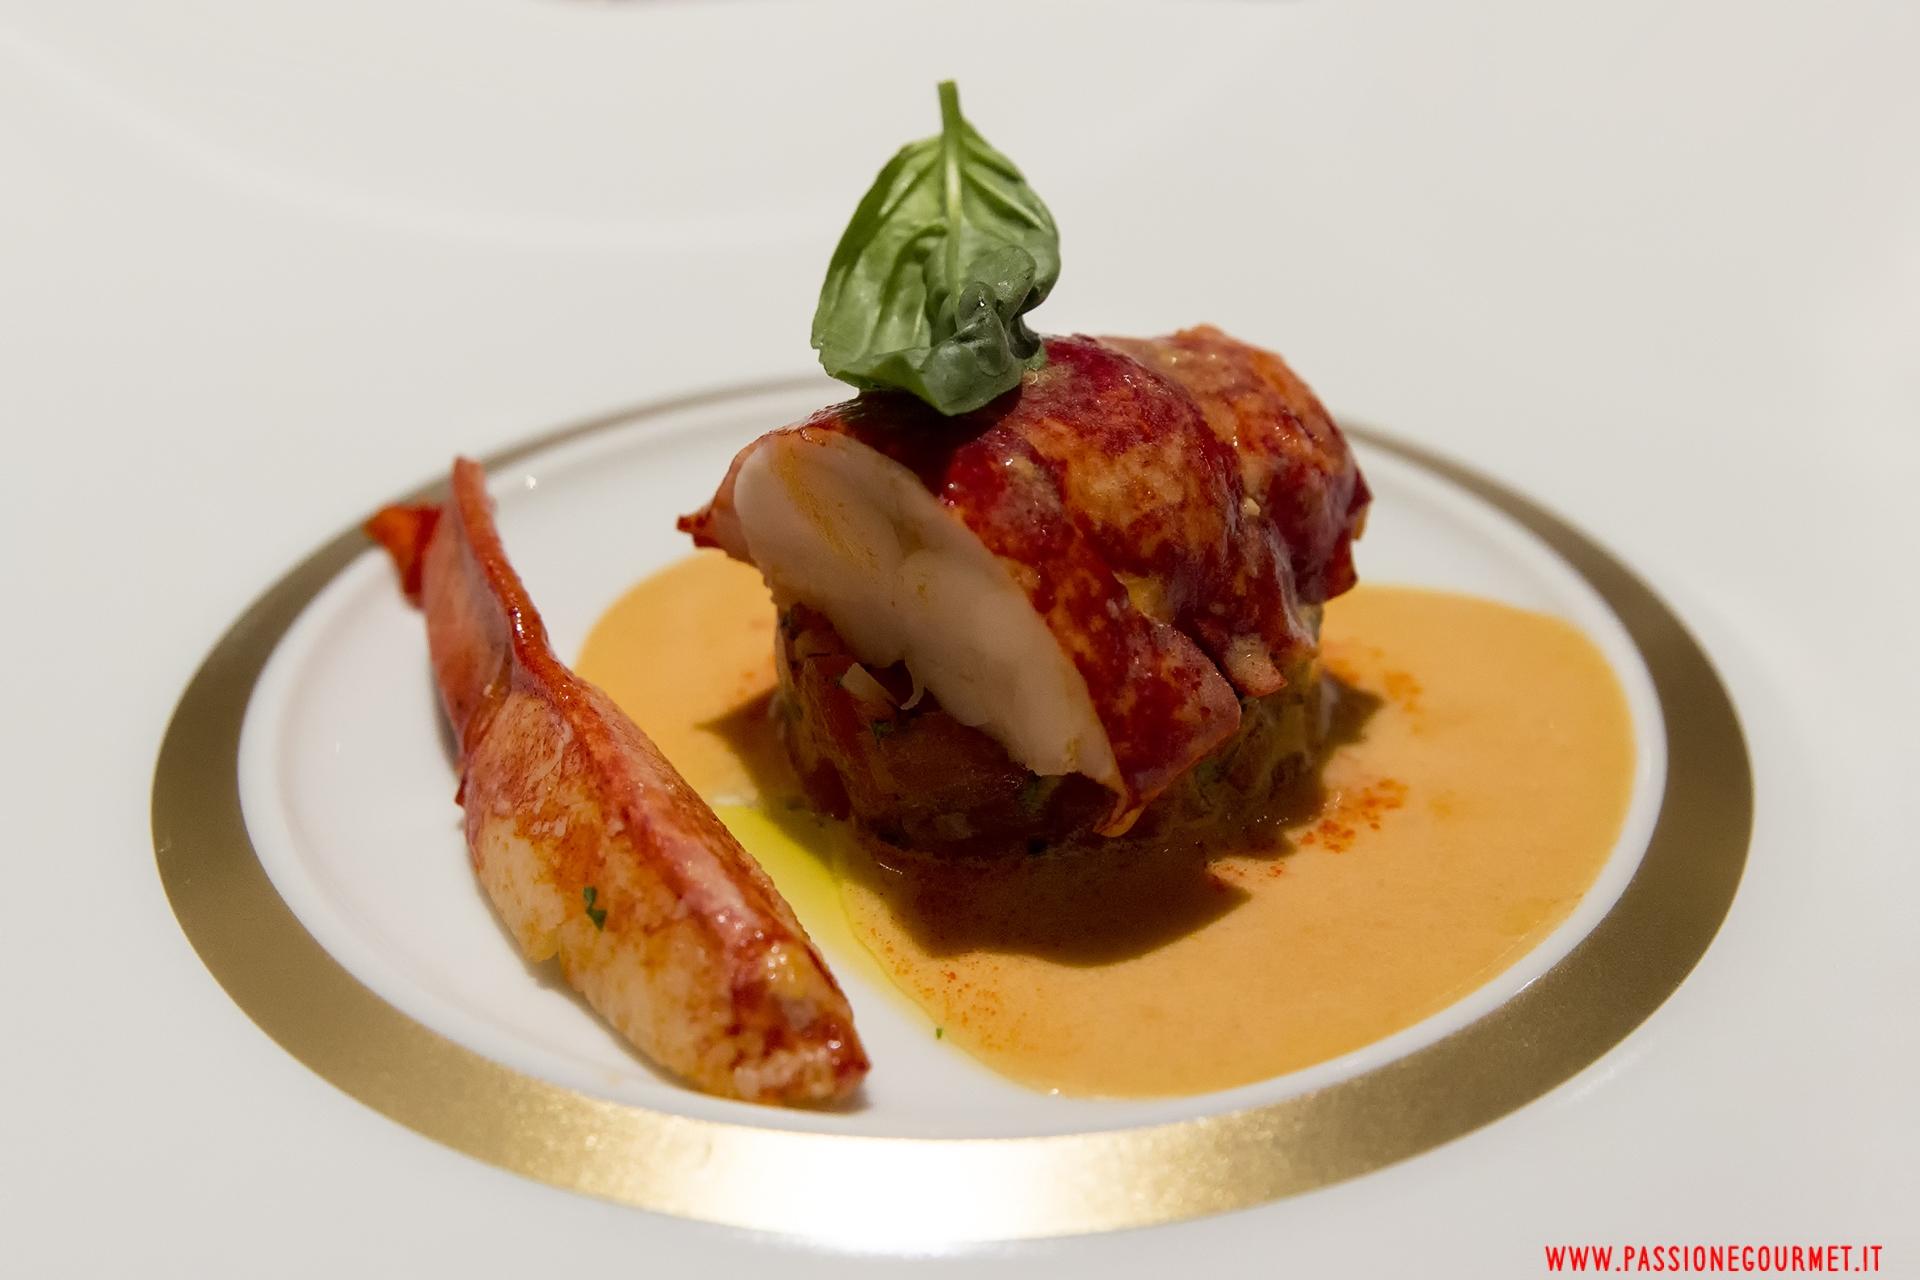 Trussardi alla Scala, Chef Roberto Conti - Passione Gourmet